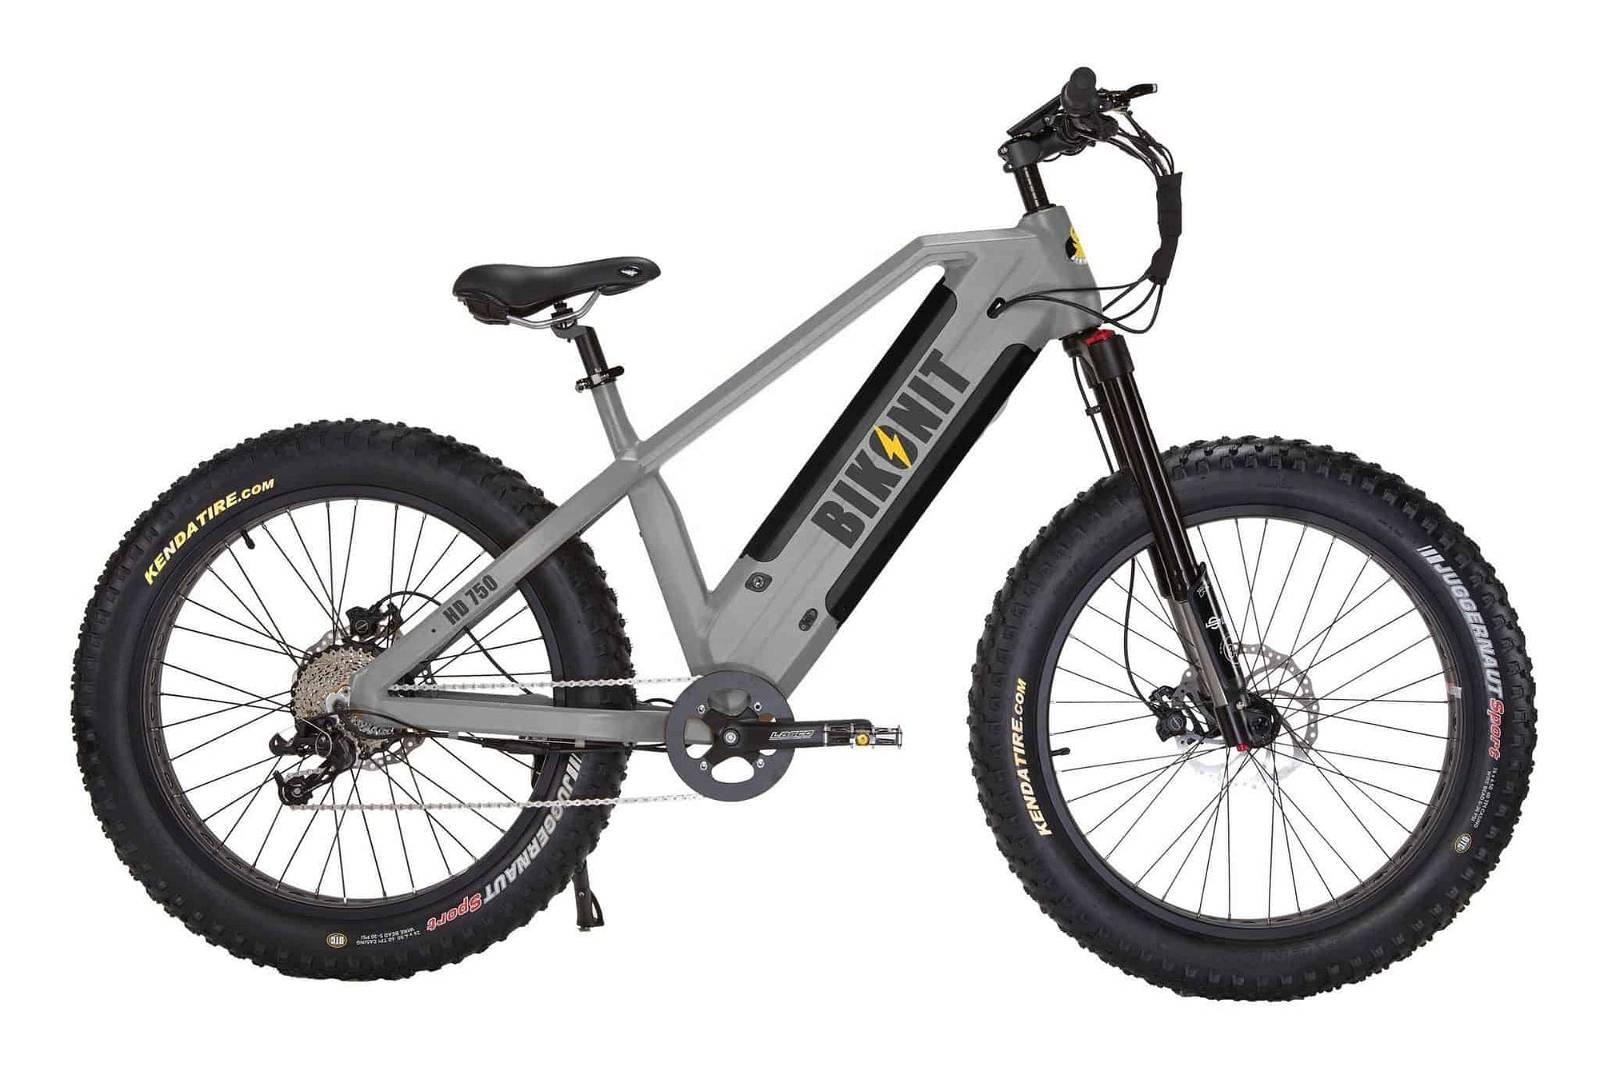 Bikonit Warthog HD 750 Electric Hunting Bike